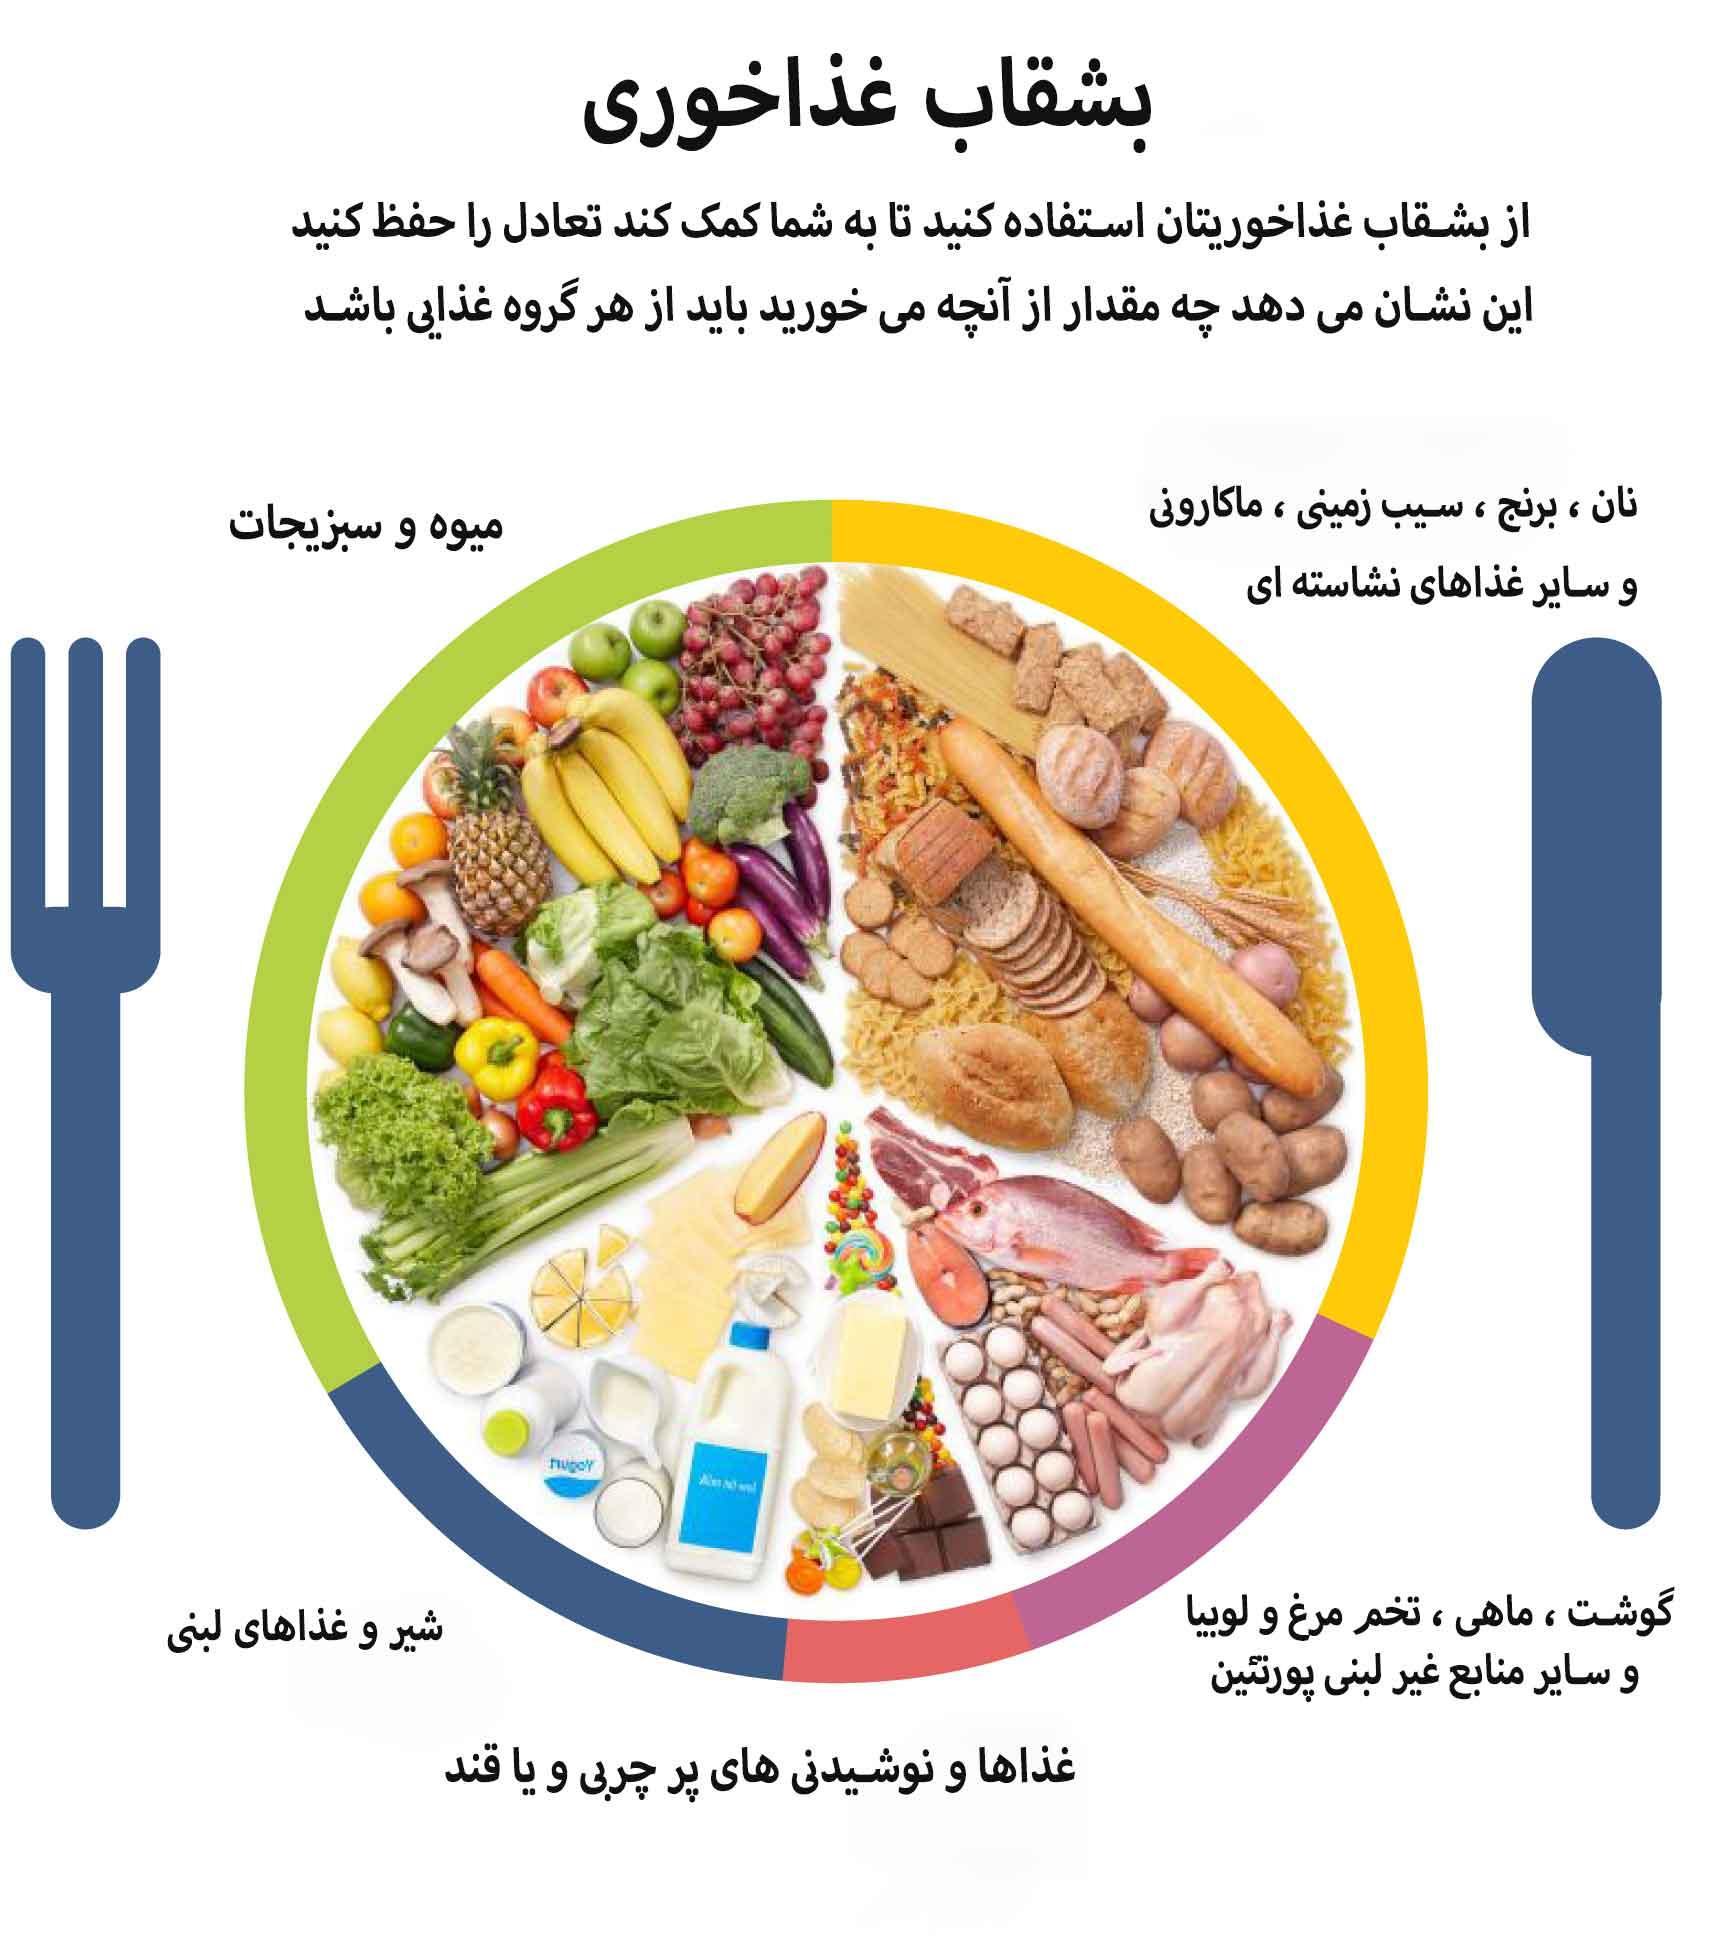 رژیم غذایی سالم چه ویژگی هایی دارد؟